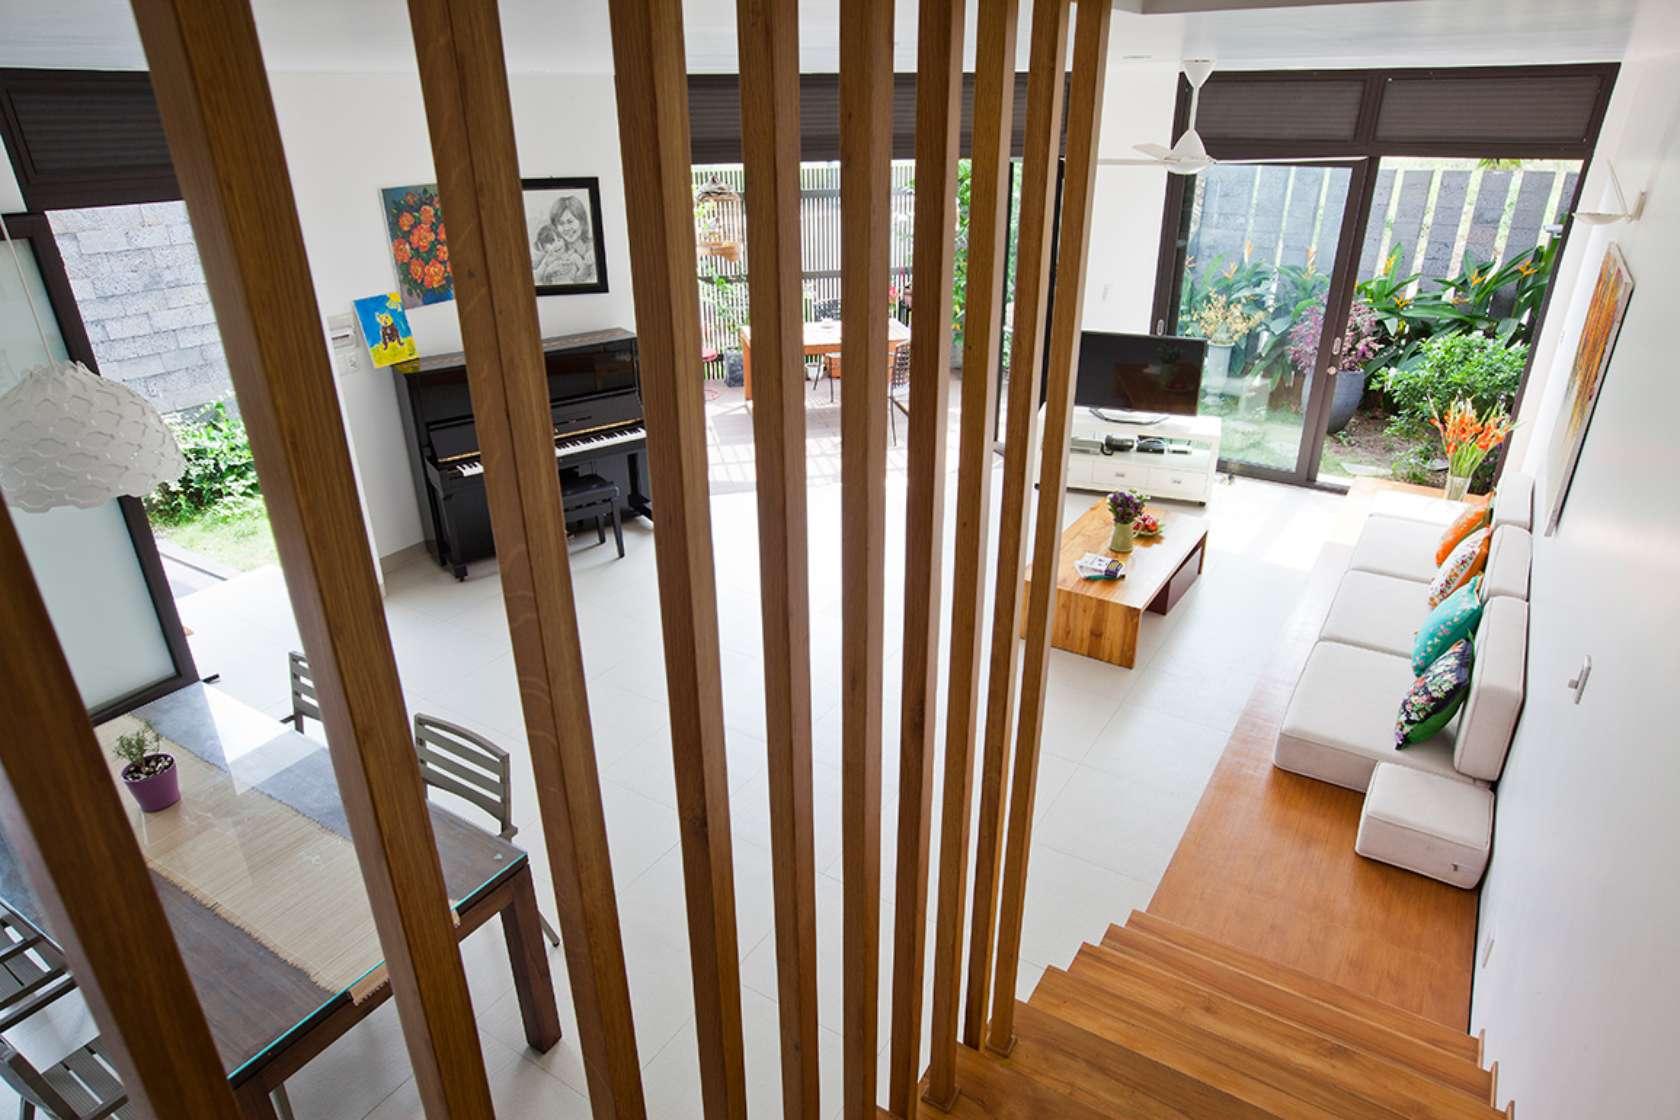 Báo Tây khen không tiếc lời công trình nhà phố 3 tầng có sân vườn cực đẹp ở Sài Gòn - Nhà Đẹp Số (9)